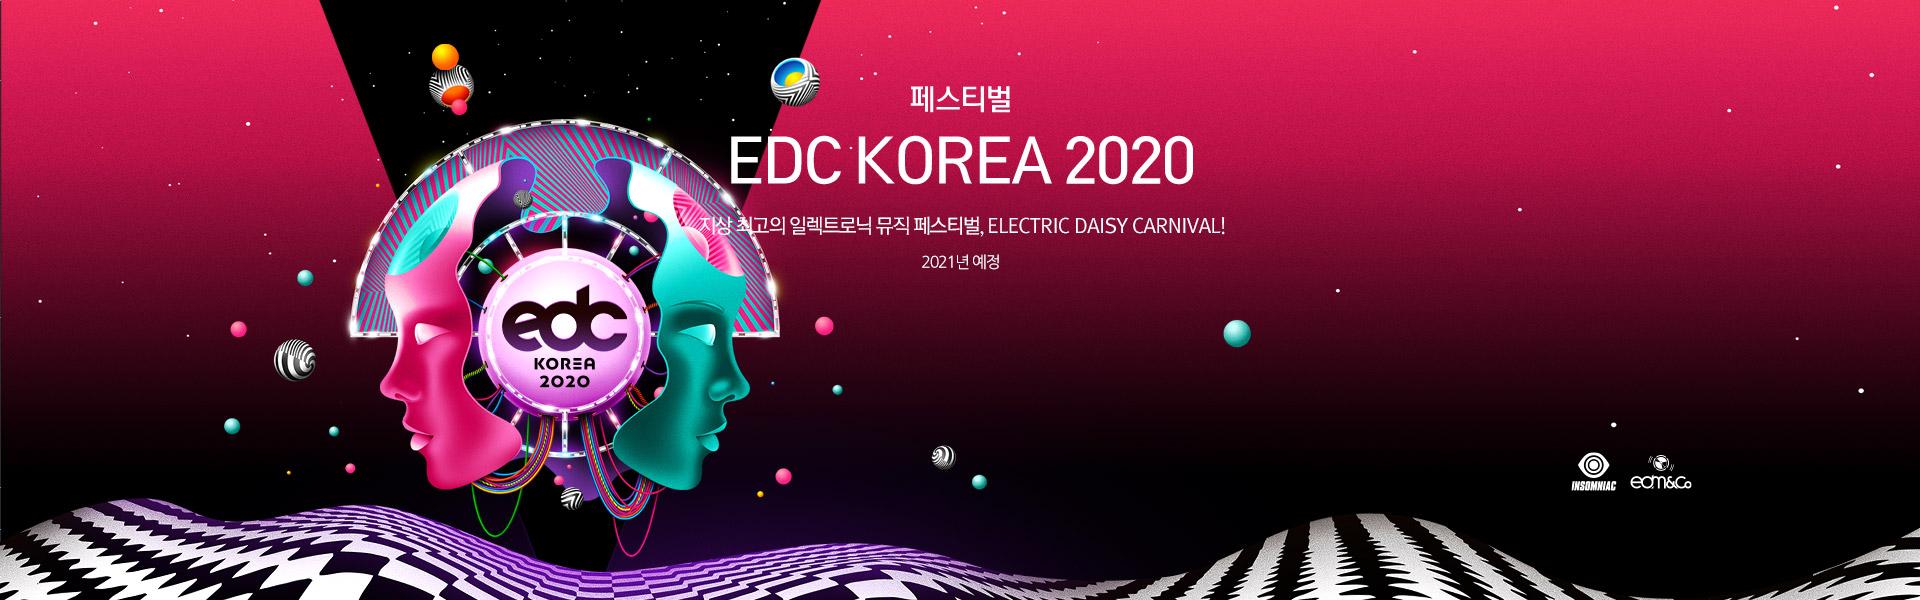 EDC KOREA 2020